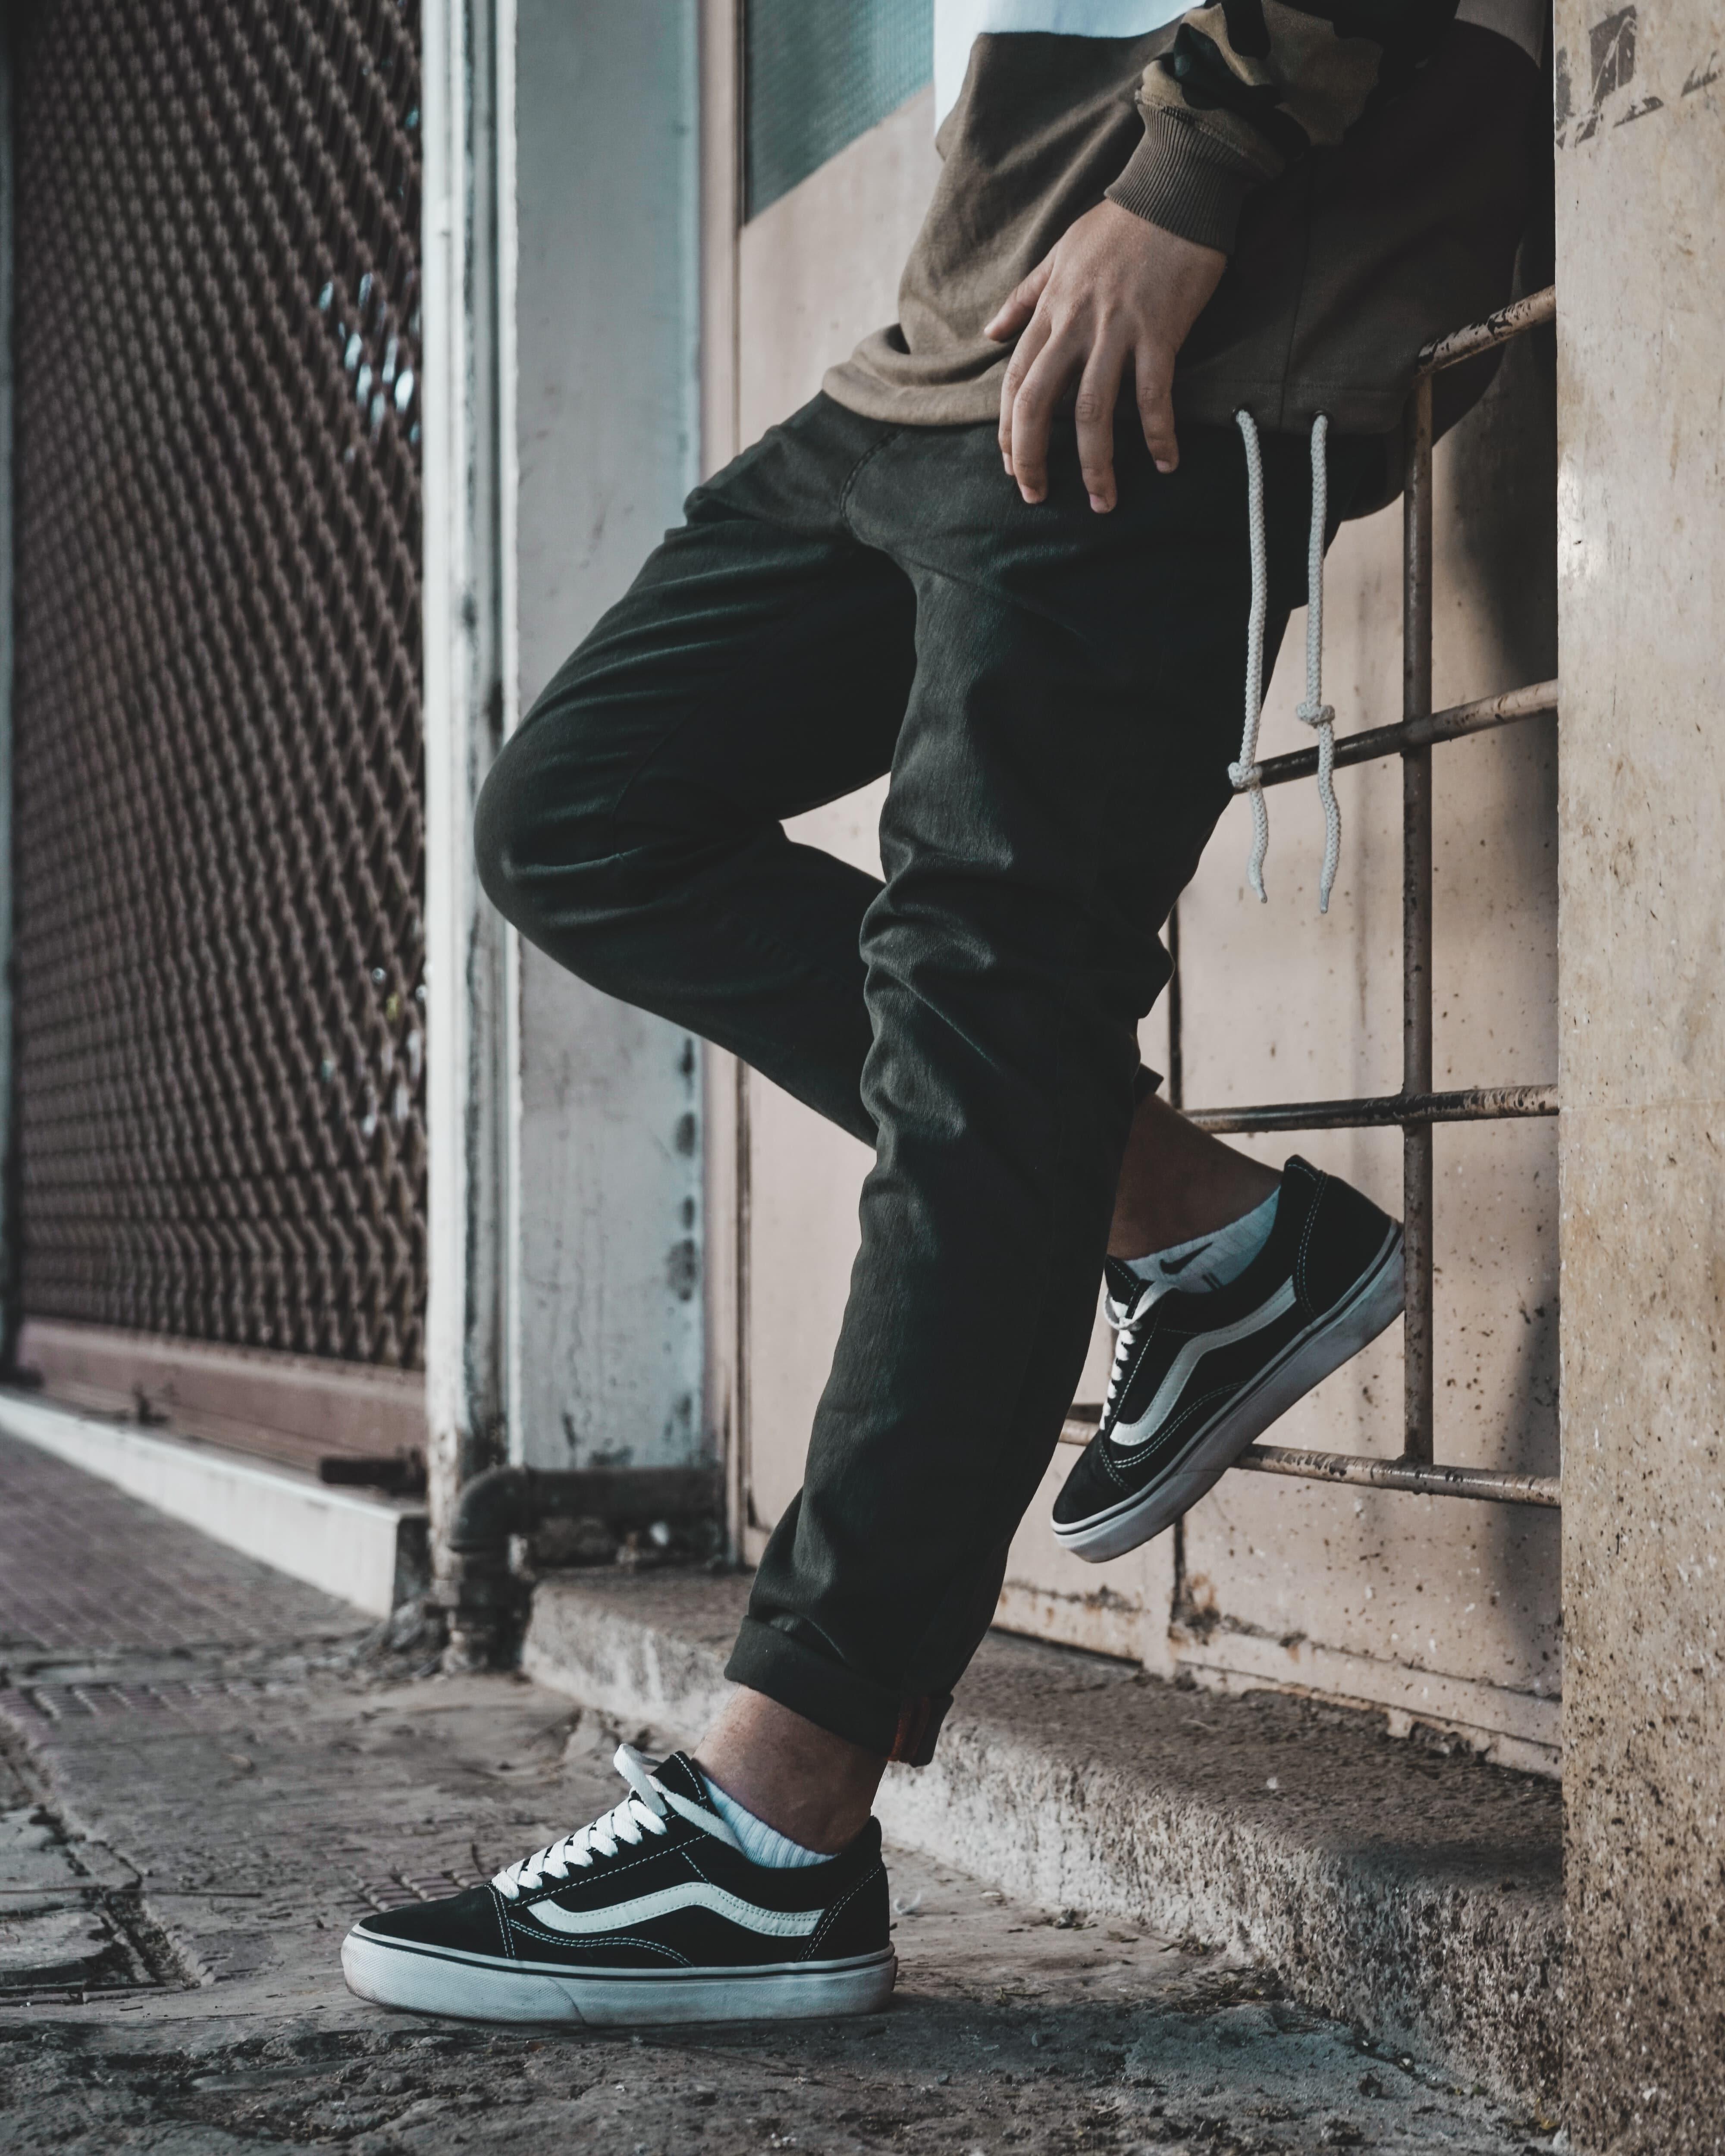 Shoes, Sneakers & Street Wear